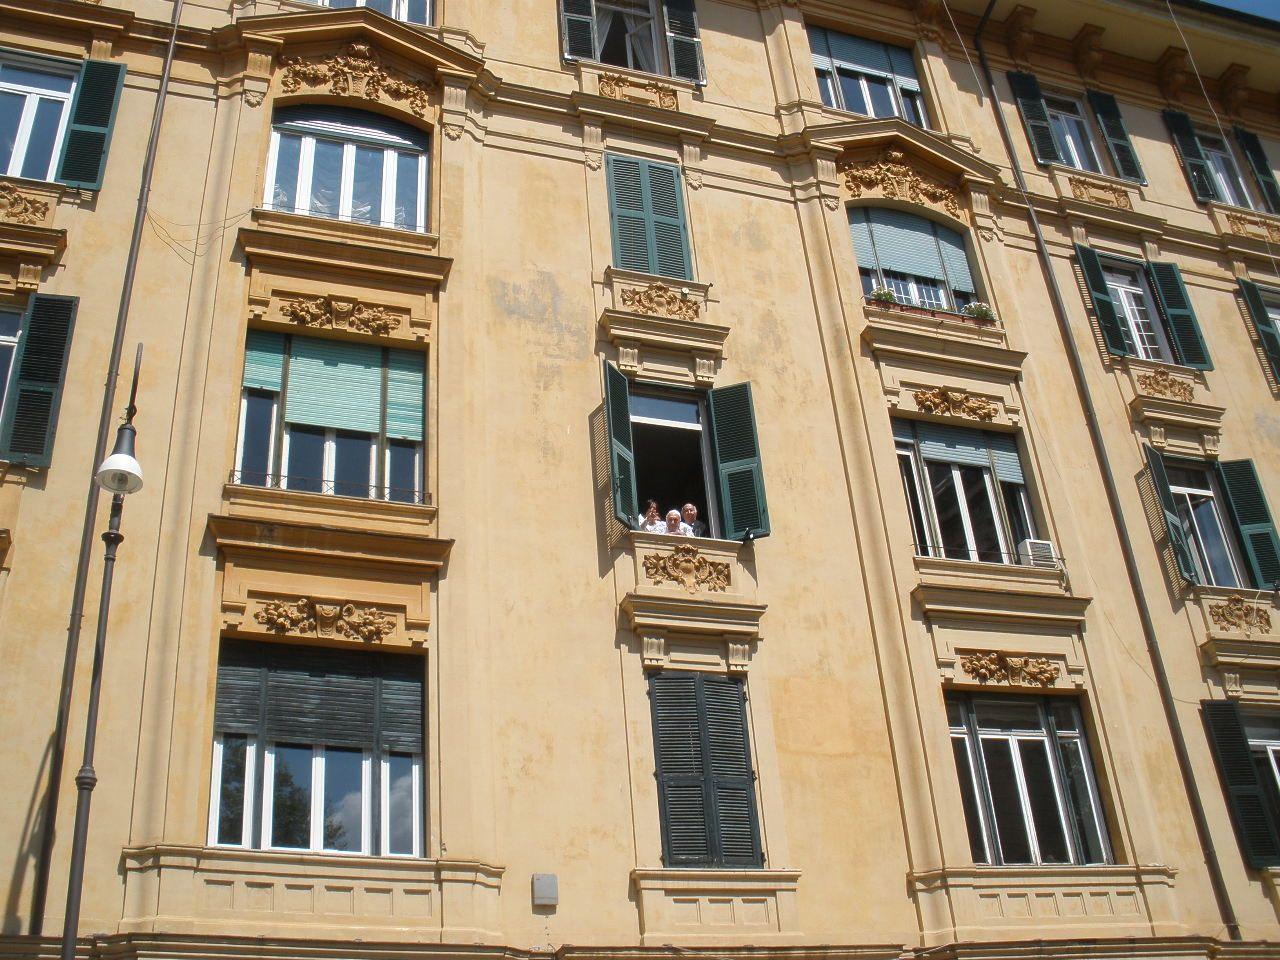 Il rabbino Toaff ha seguito il corteo dalla finestra (foto Brogi)